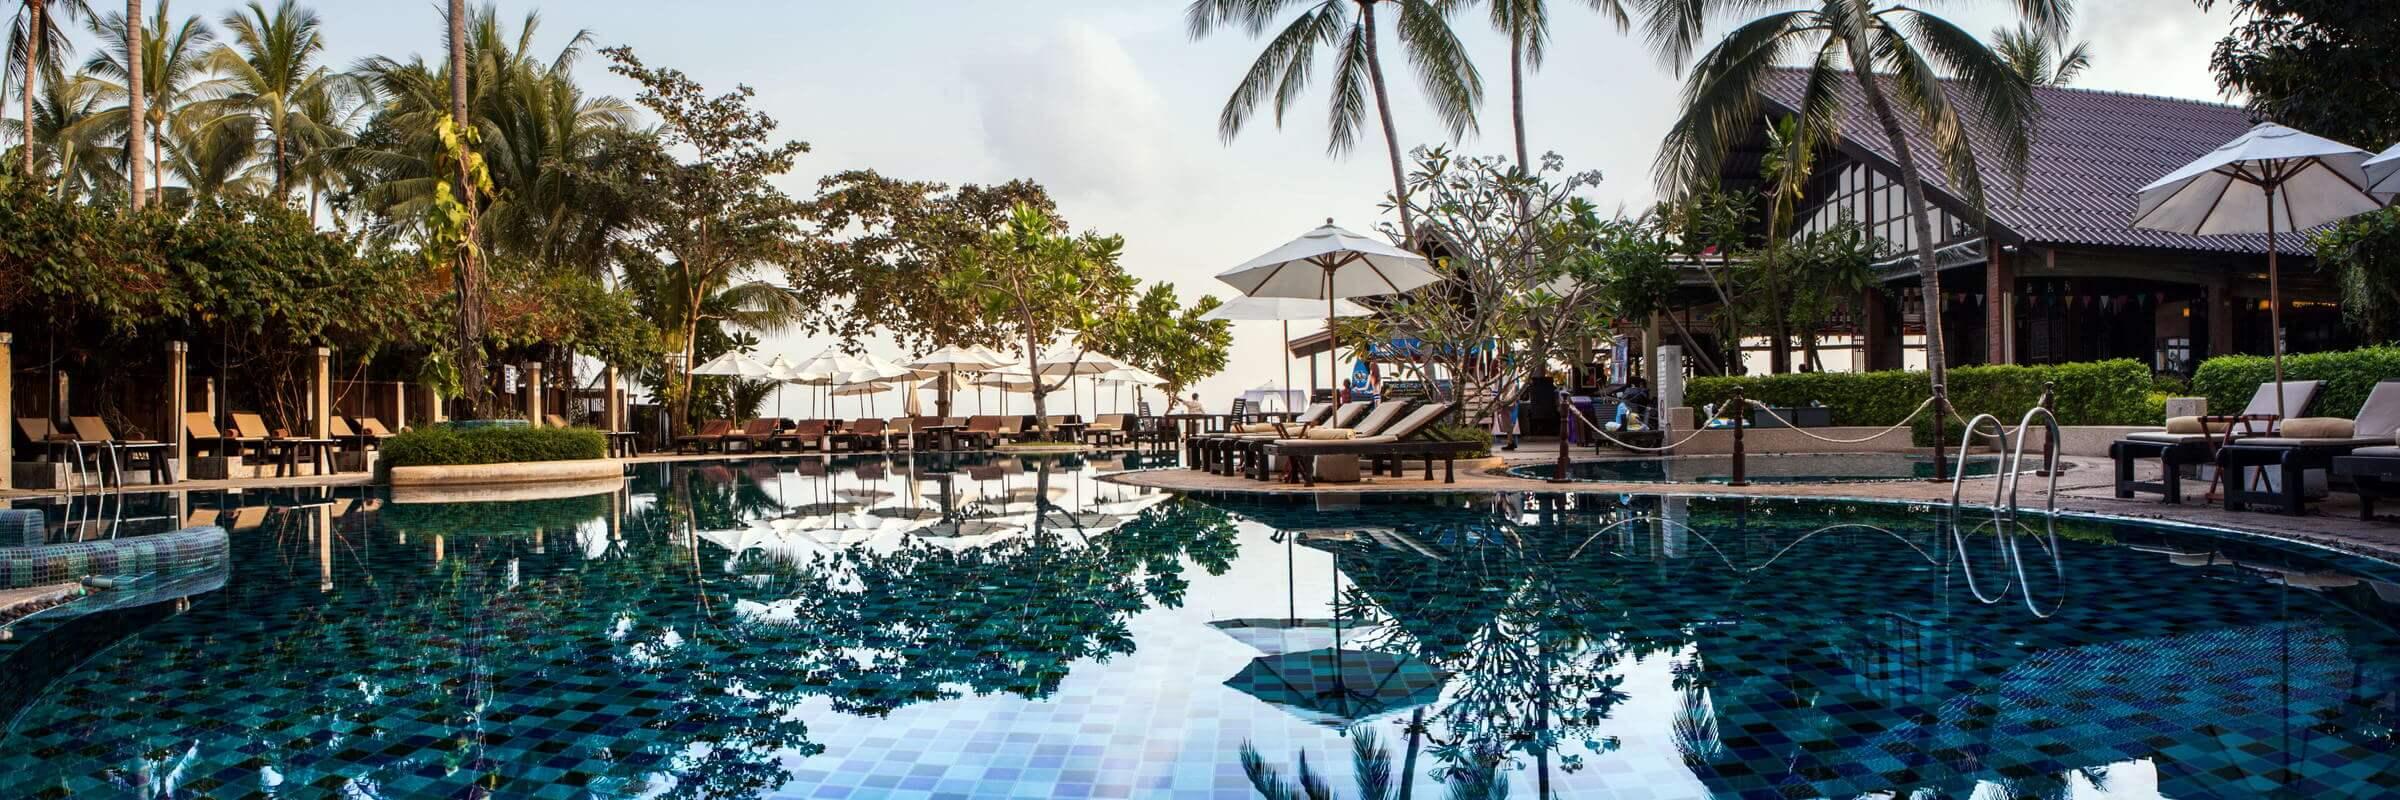 Ausblick auf den schön angelegten Poolbereich mit Sonnenterrasse des Peace Resorts auf Koh Samui, Thailand.